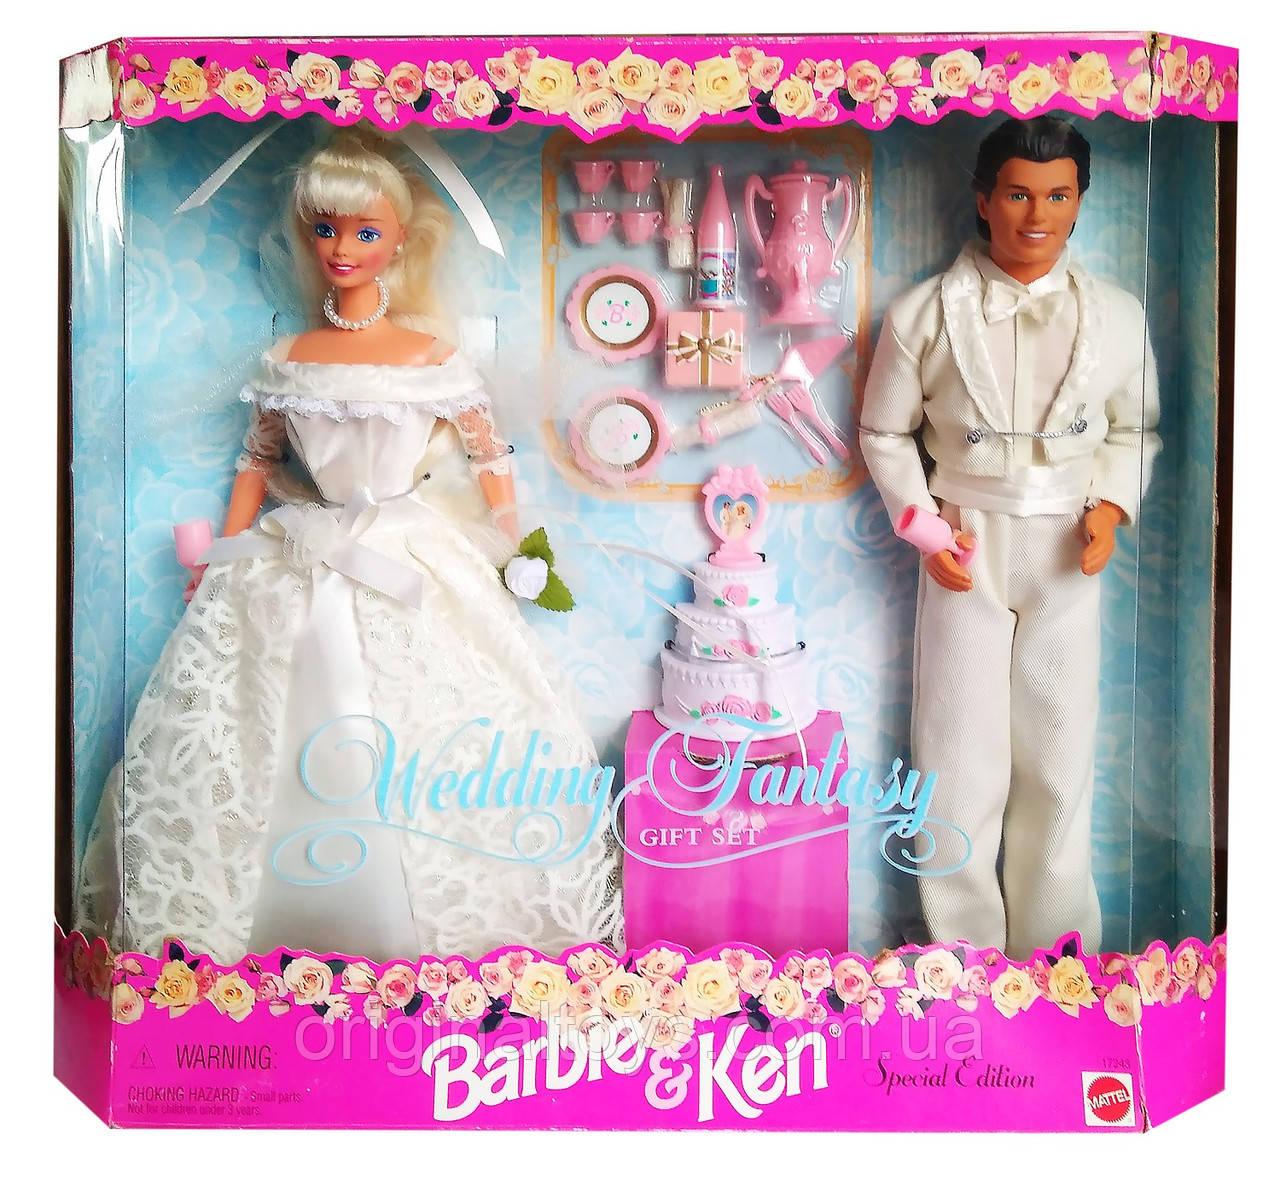 Коллекционные куклы Барби и Кен Свадебная фантазия Barbie & Ken Wedding Fantasy 1996 Mattel 17243